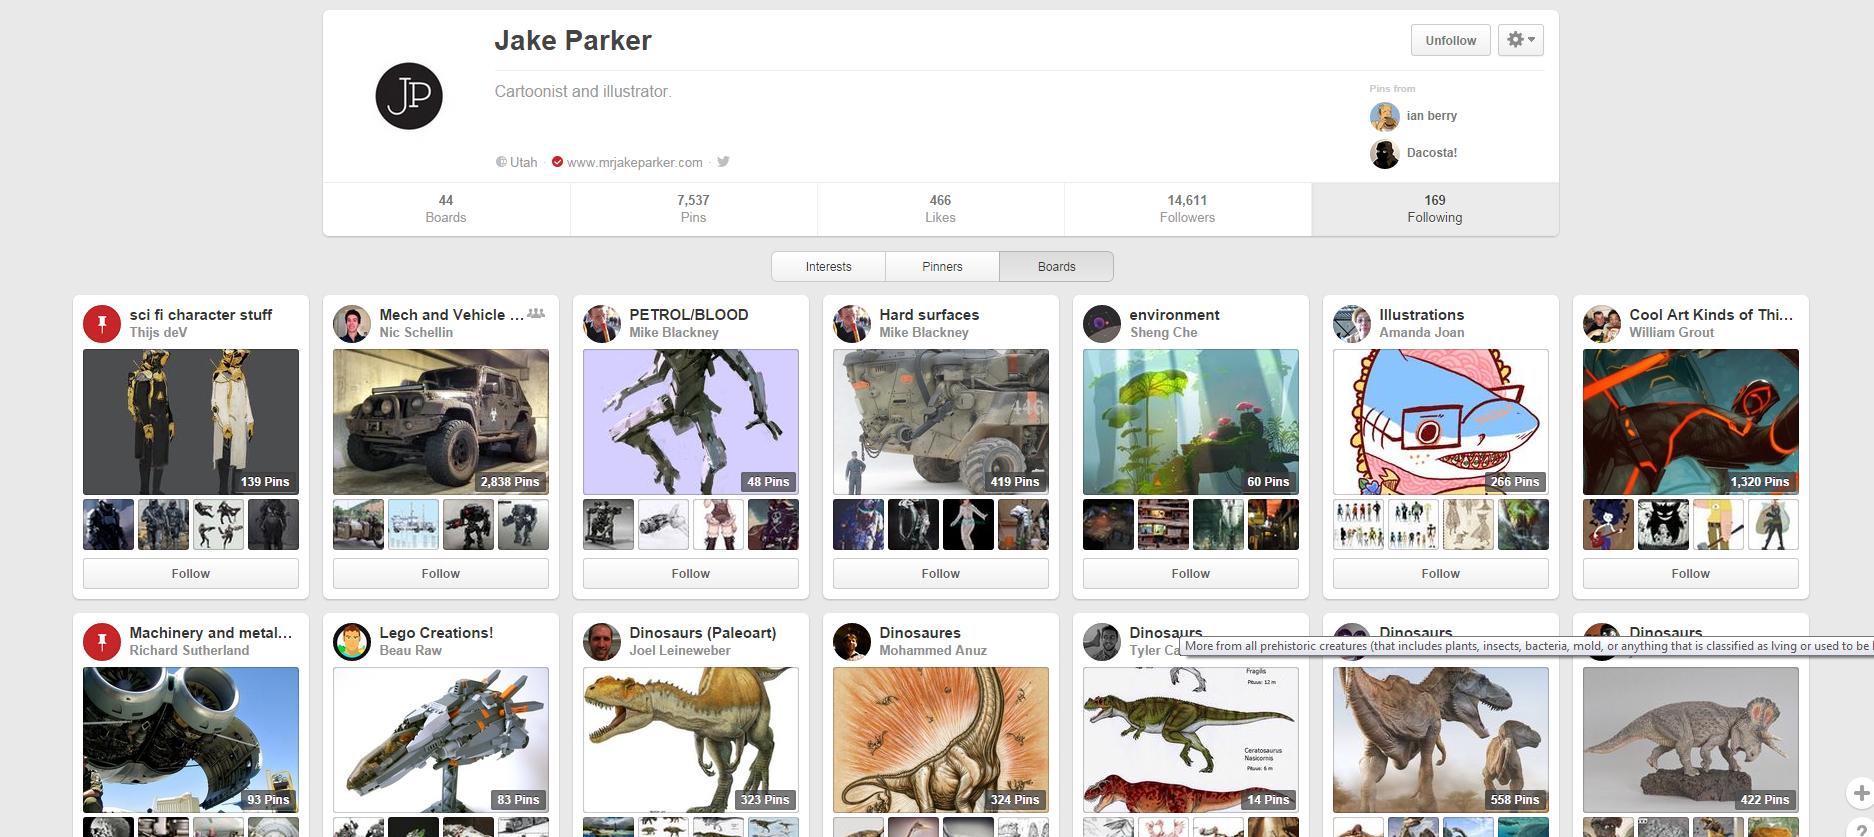 Jake Parker Follows http://www.pinterest.com/mrjakeparker/following/